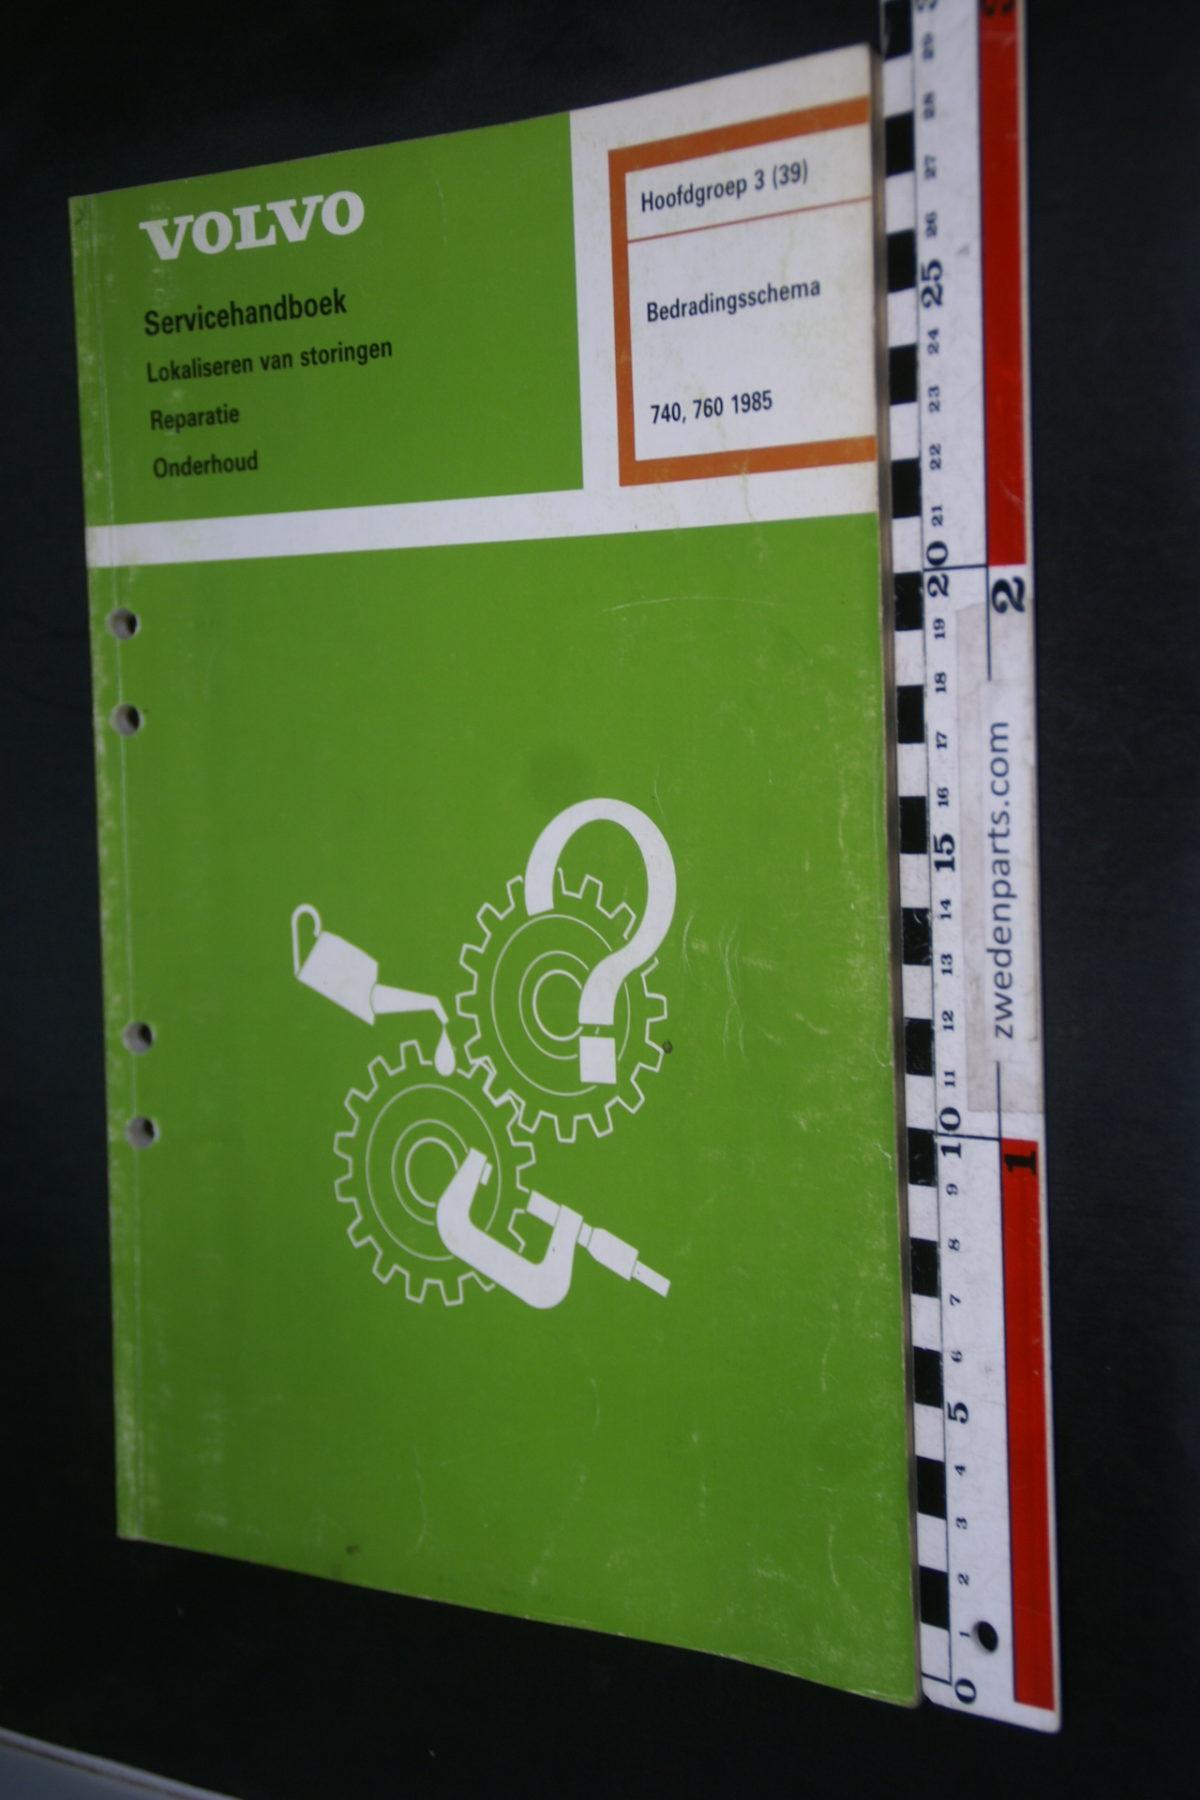 DSC08664 1985 origineel Volvo 740, 760 servicehandboek  3 (39) bedradingsschema 1 van 800 TP 30819-1